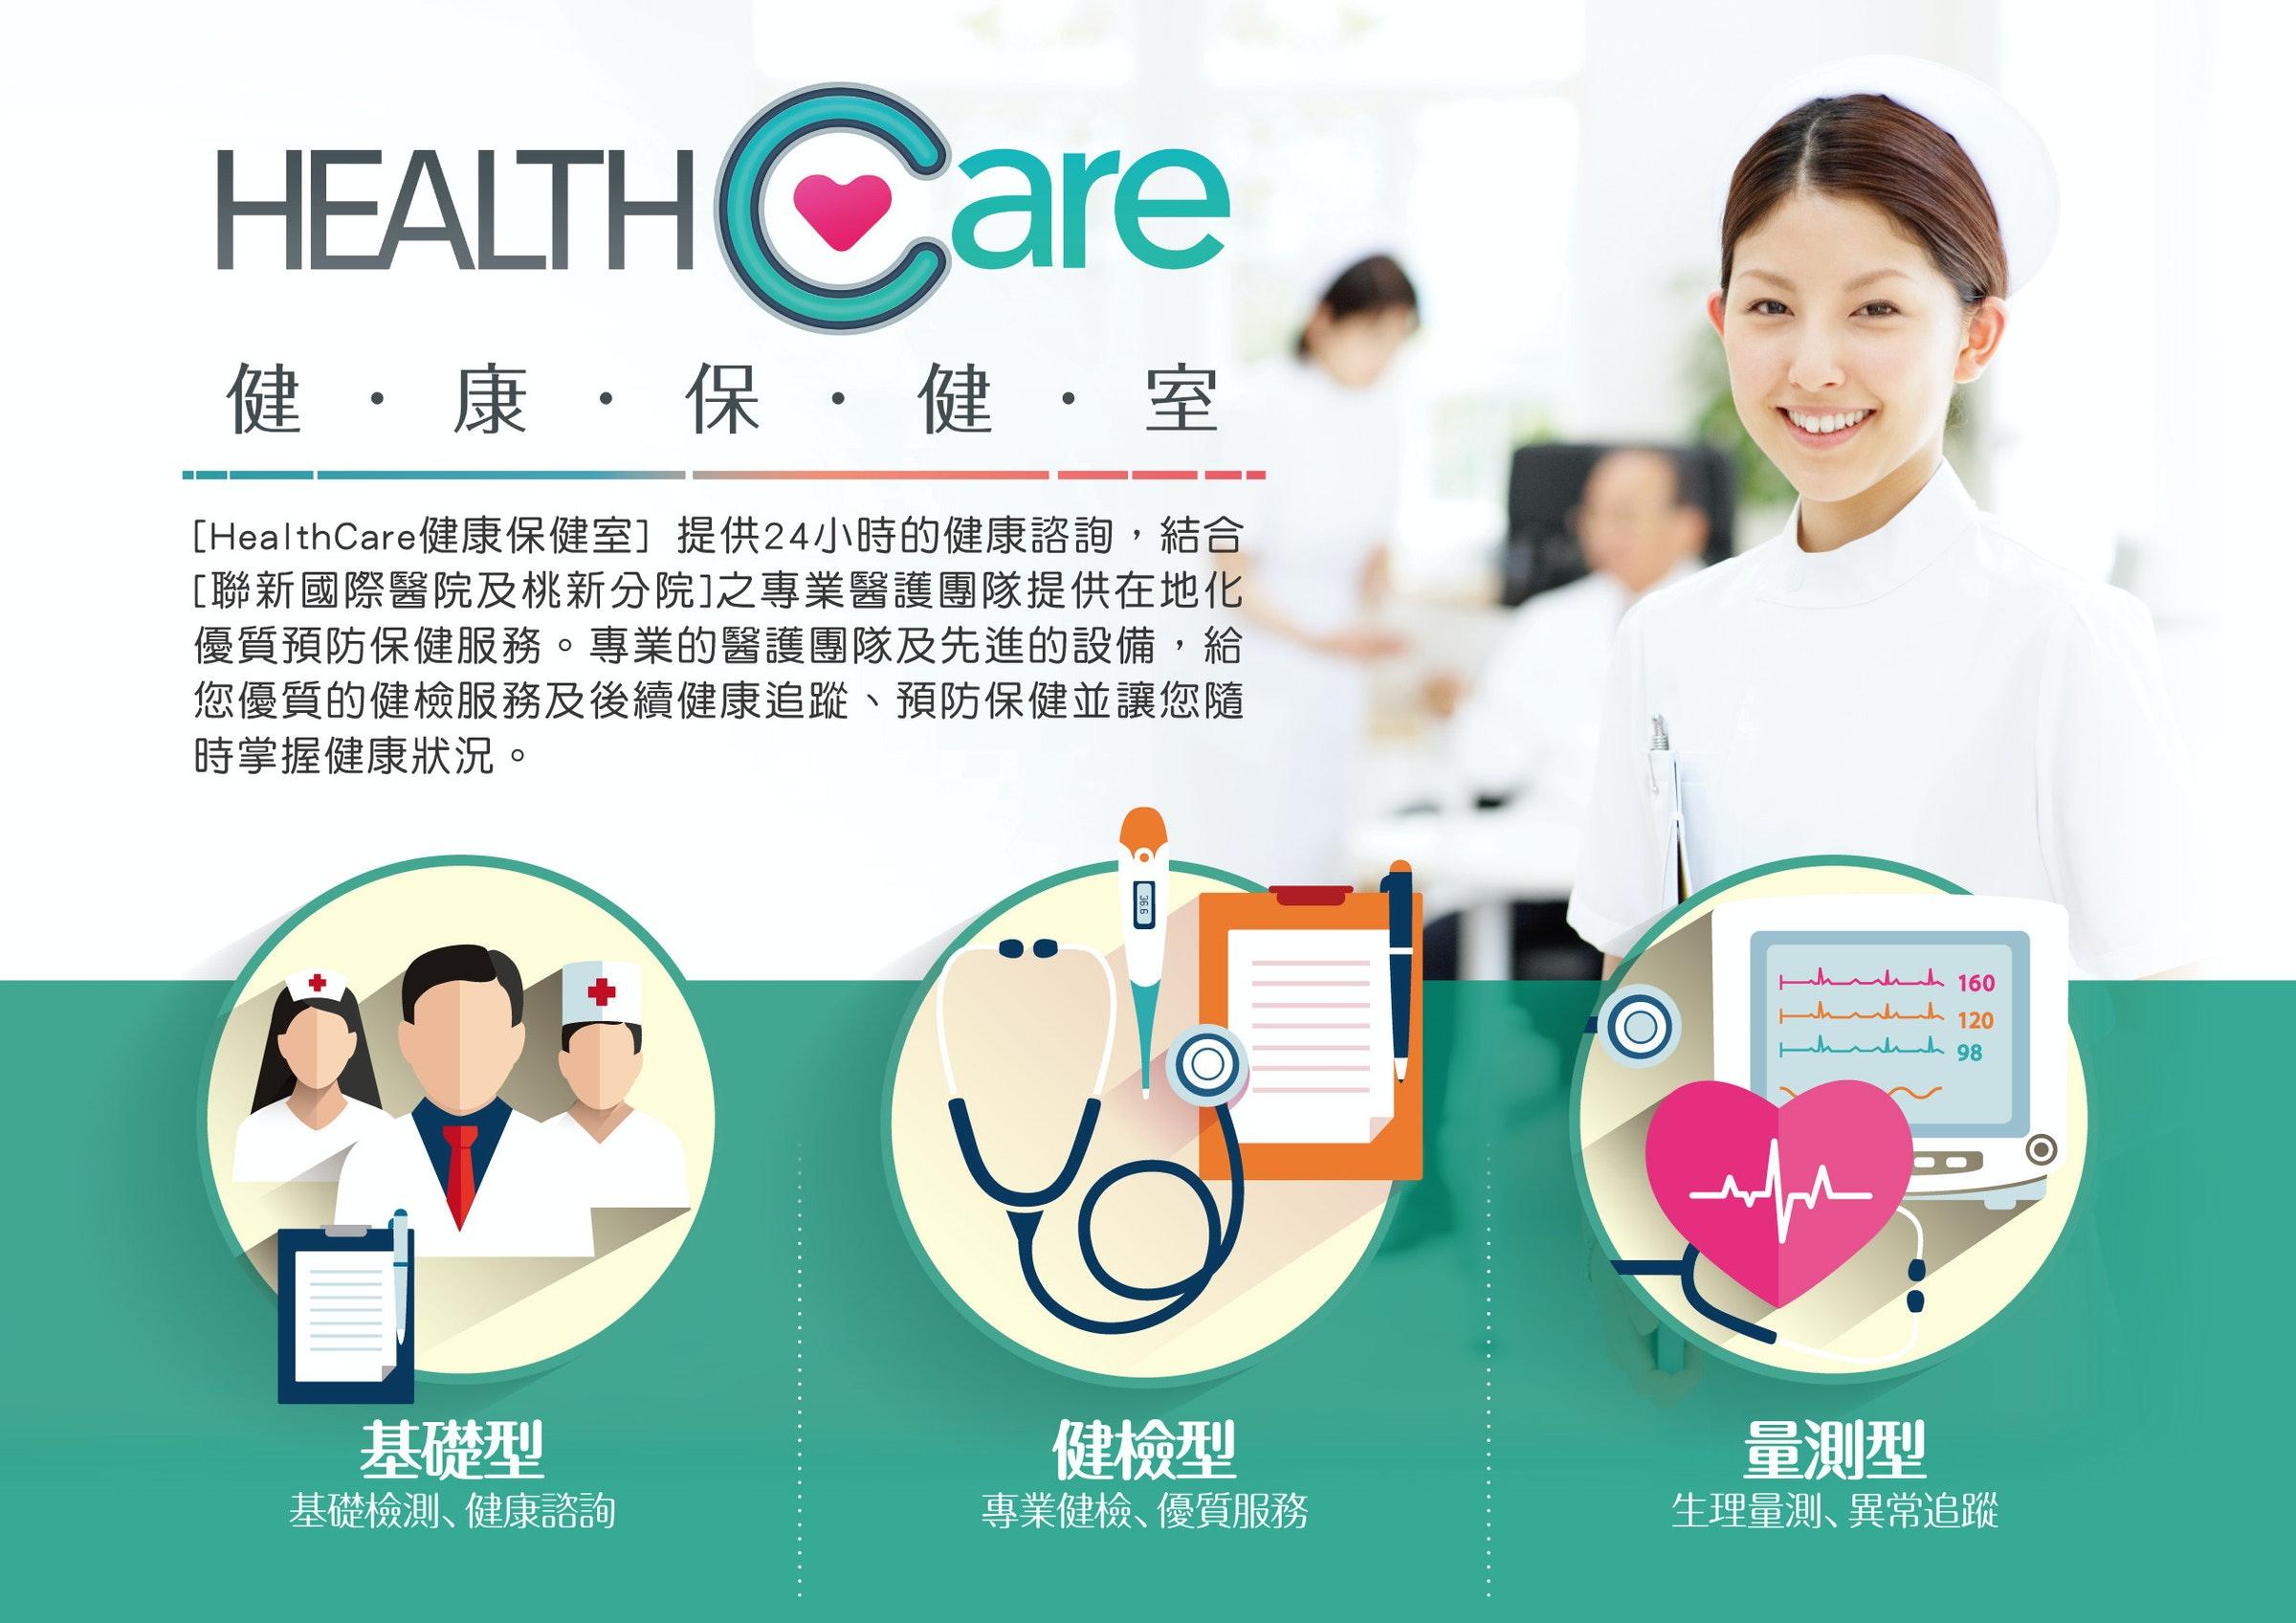 照片中提到了HEALTHCare、健, 康,保,健,室、[HealthCare健康保健室]提供24小時的健康諮詢,結合,包含了教育、衛生保健、健康、凱擘、台灣種子醫院